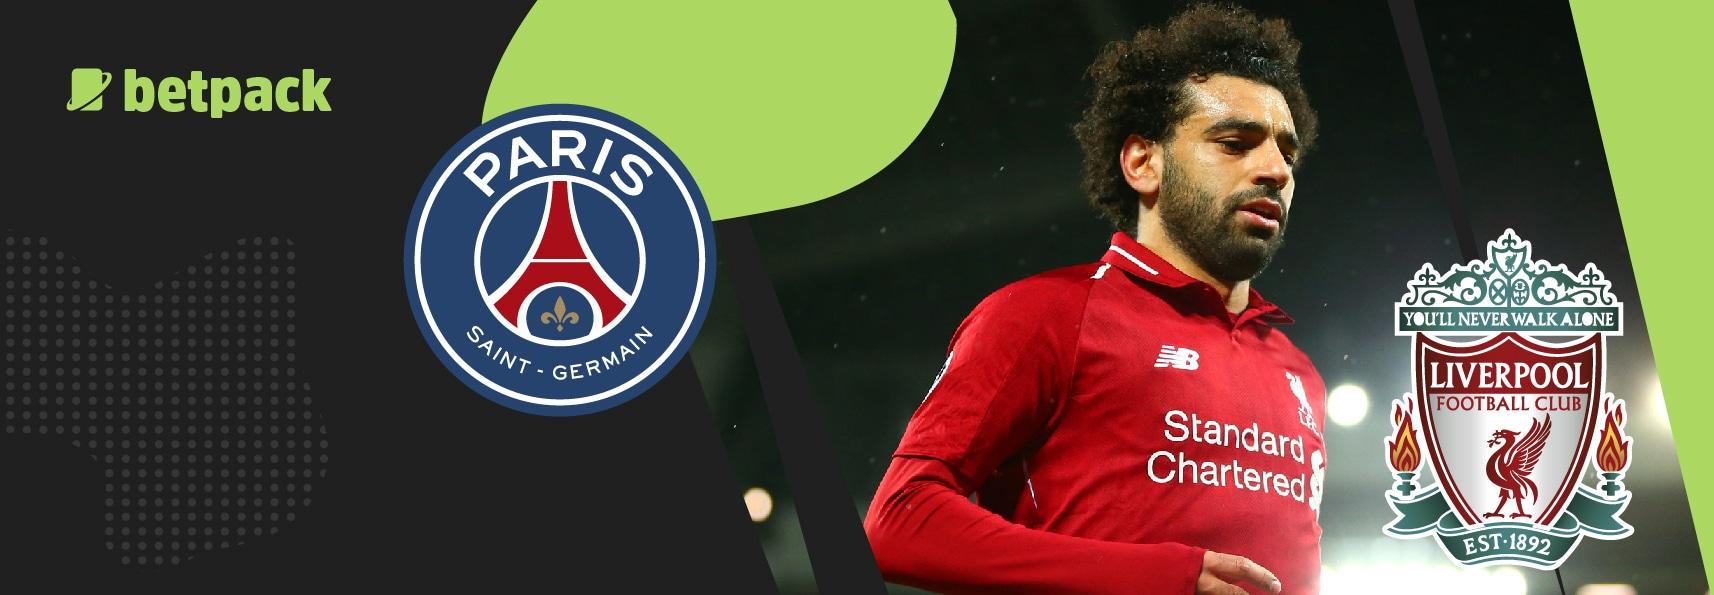 PSG consider move for Liverpool star Mohamed Salah